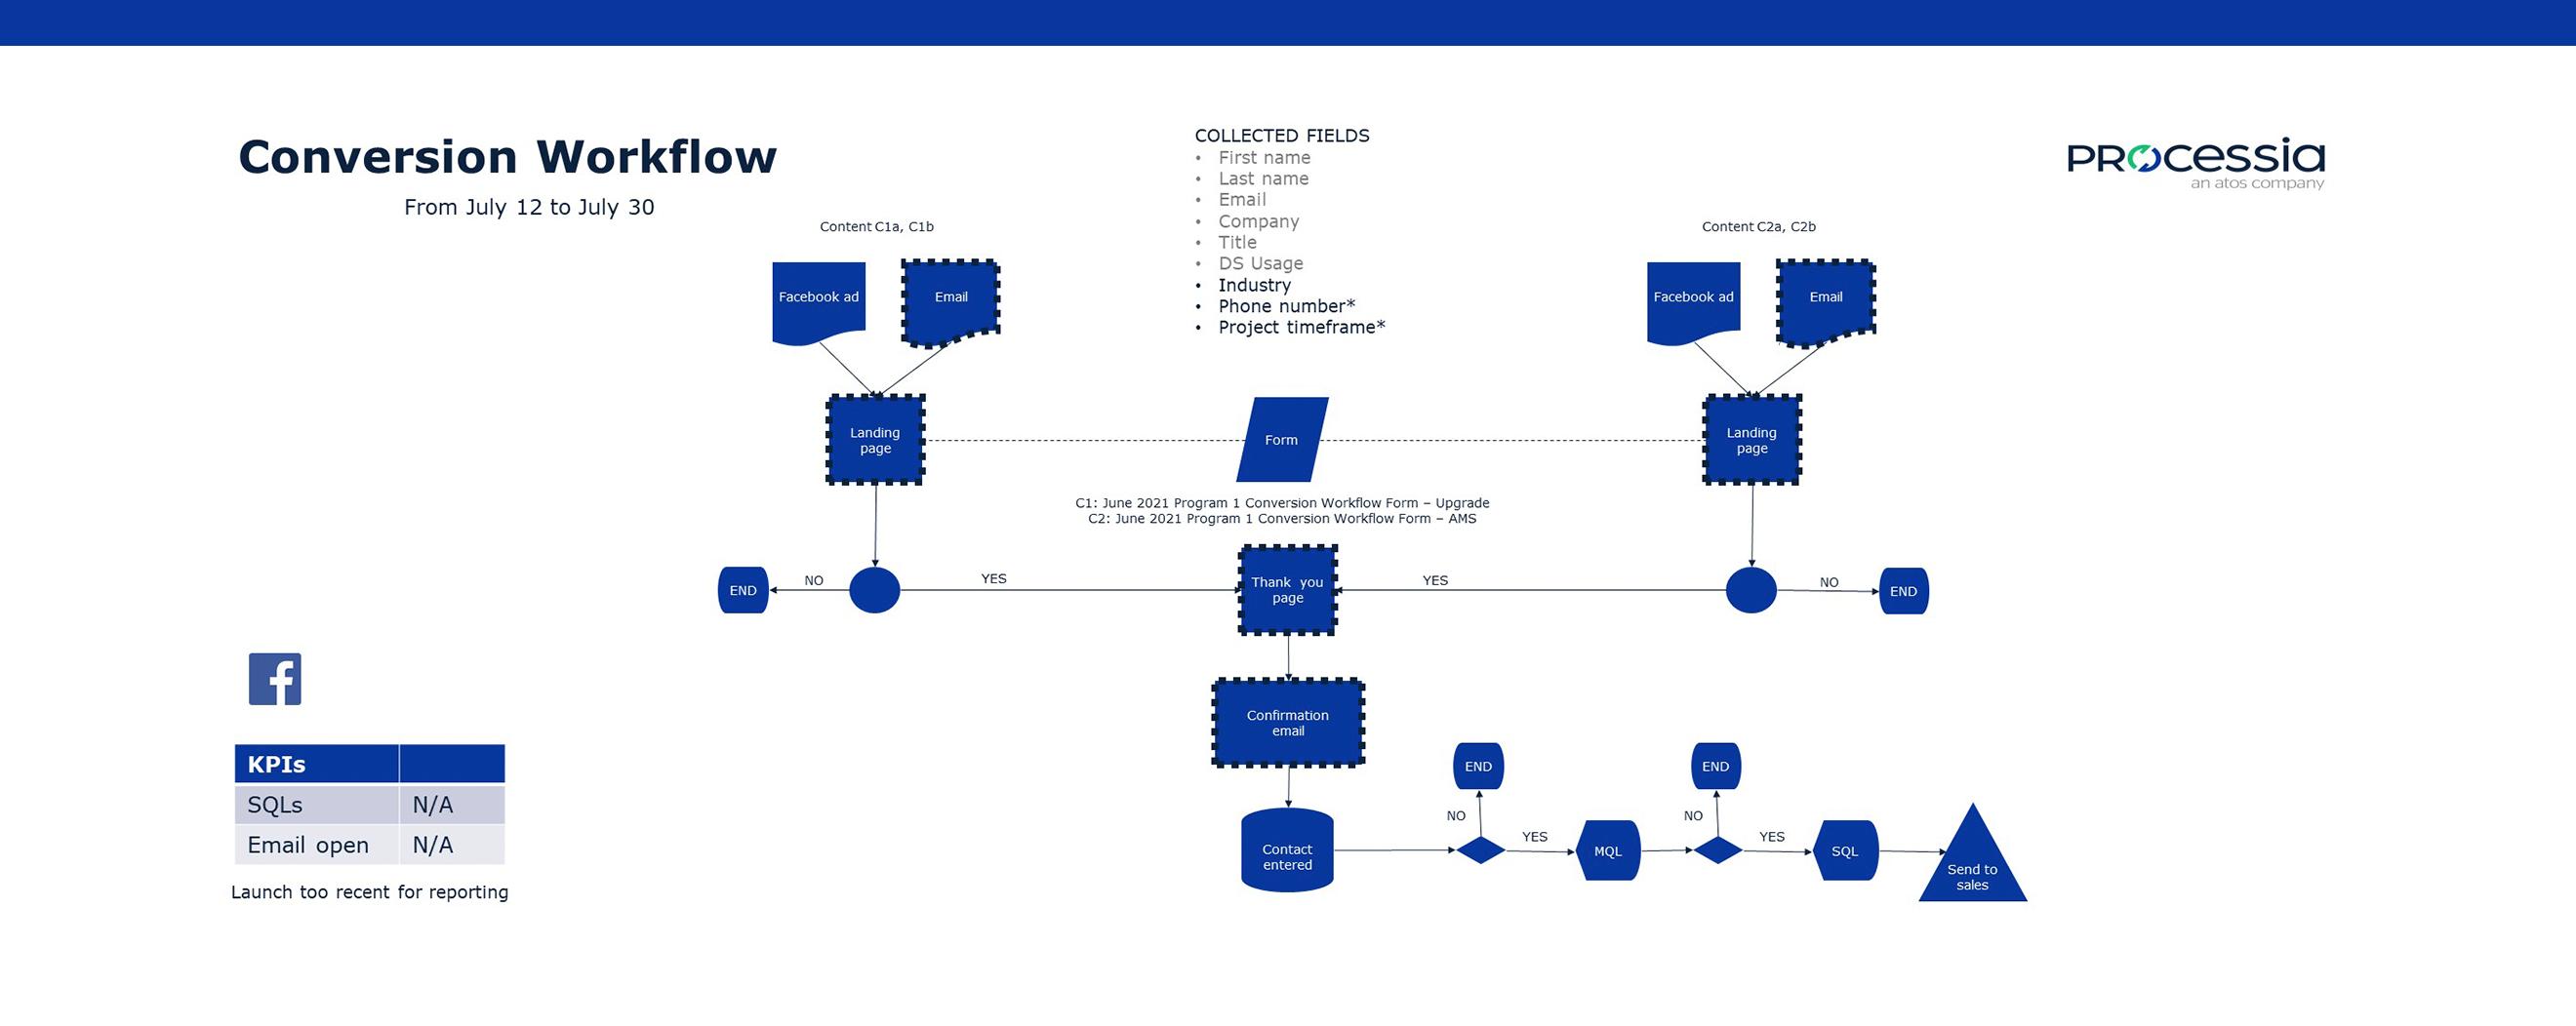 Worklow pour le schéma de conversion de la campagne de marketing entrant pour Processia